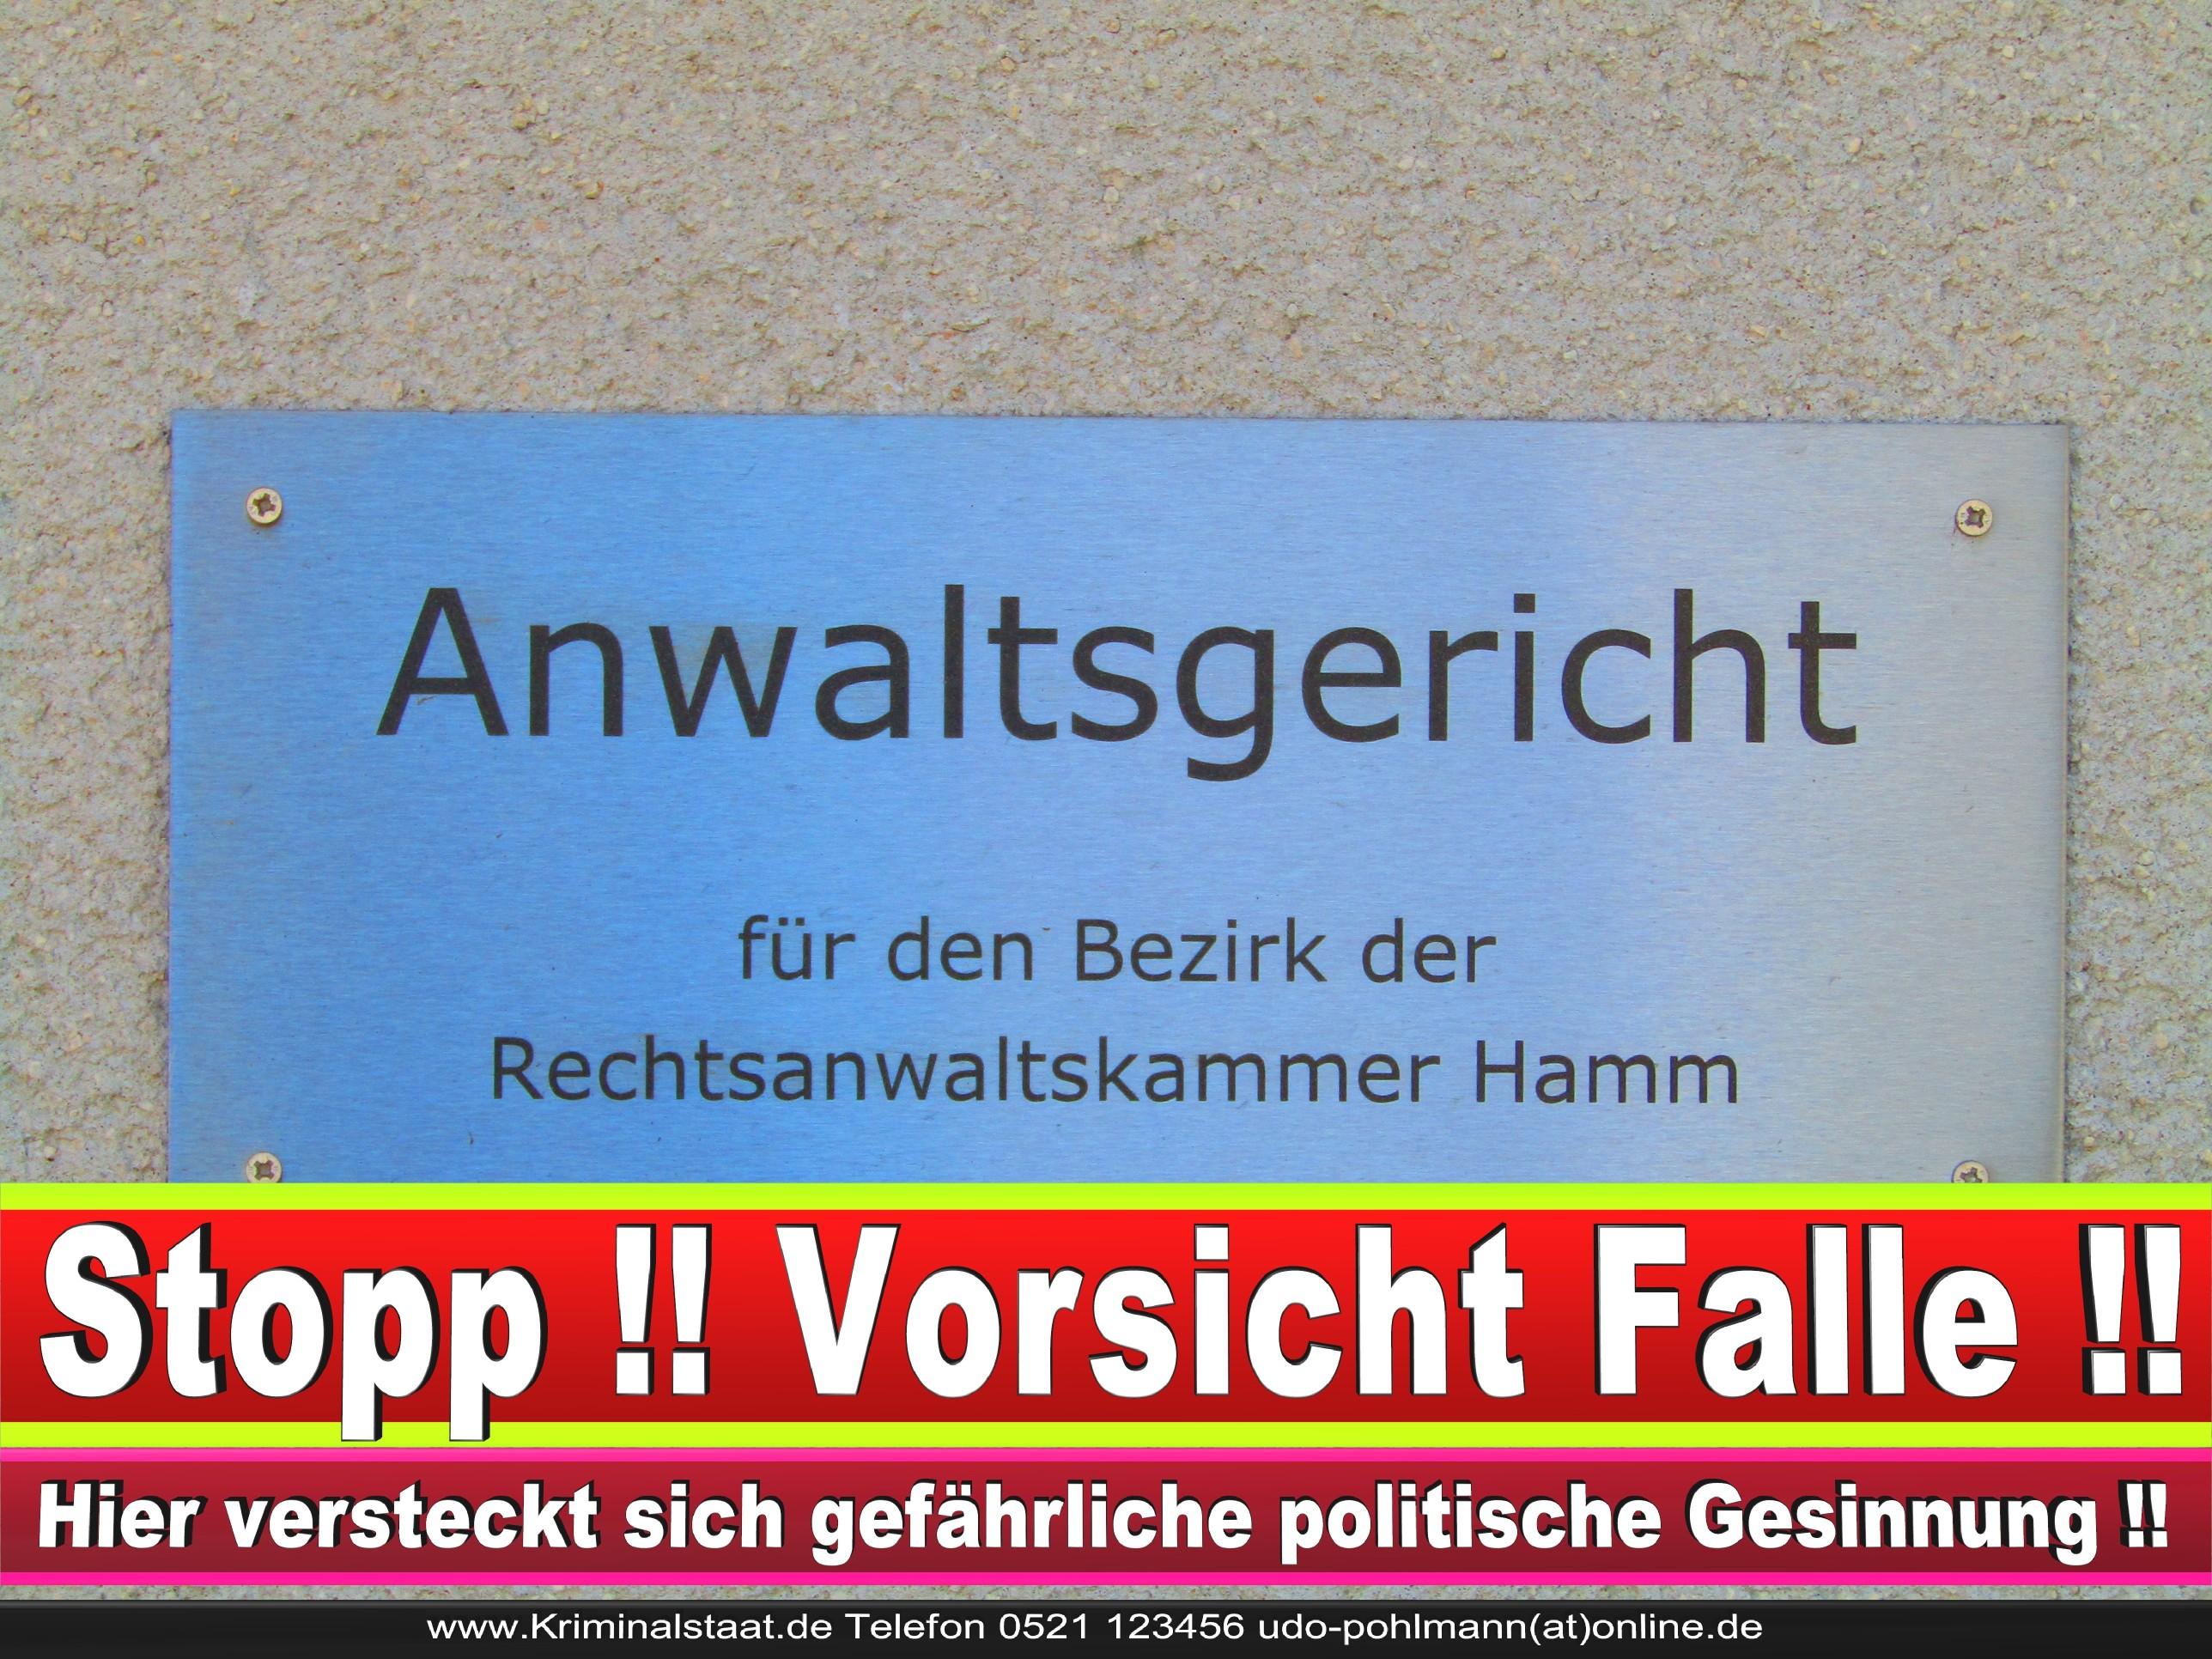 Rechtsanwaltskammer Hamm NRW Justizminister Rechtsanwalt Notar Vermögensverfall Urteil Rechtsprechung CDU SPD FDP Berufsordnung Rechtsanwälte Rechtsprechung (4) 1